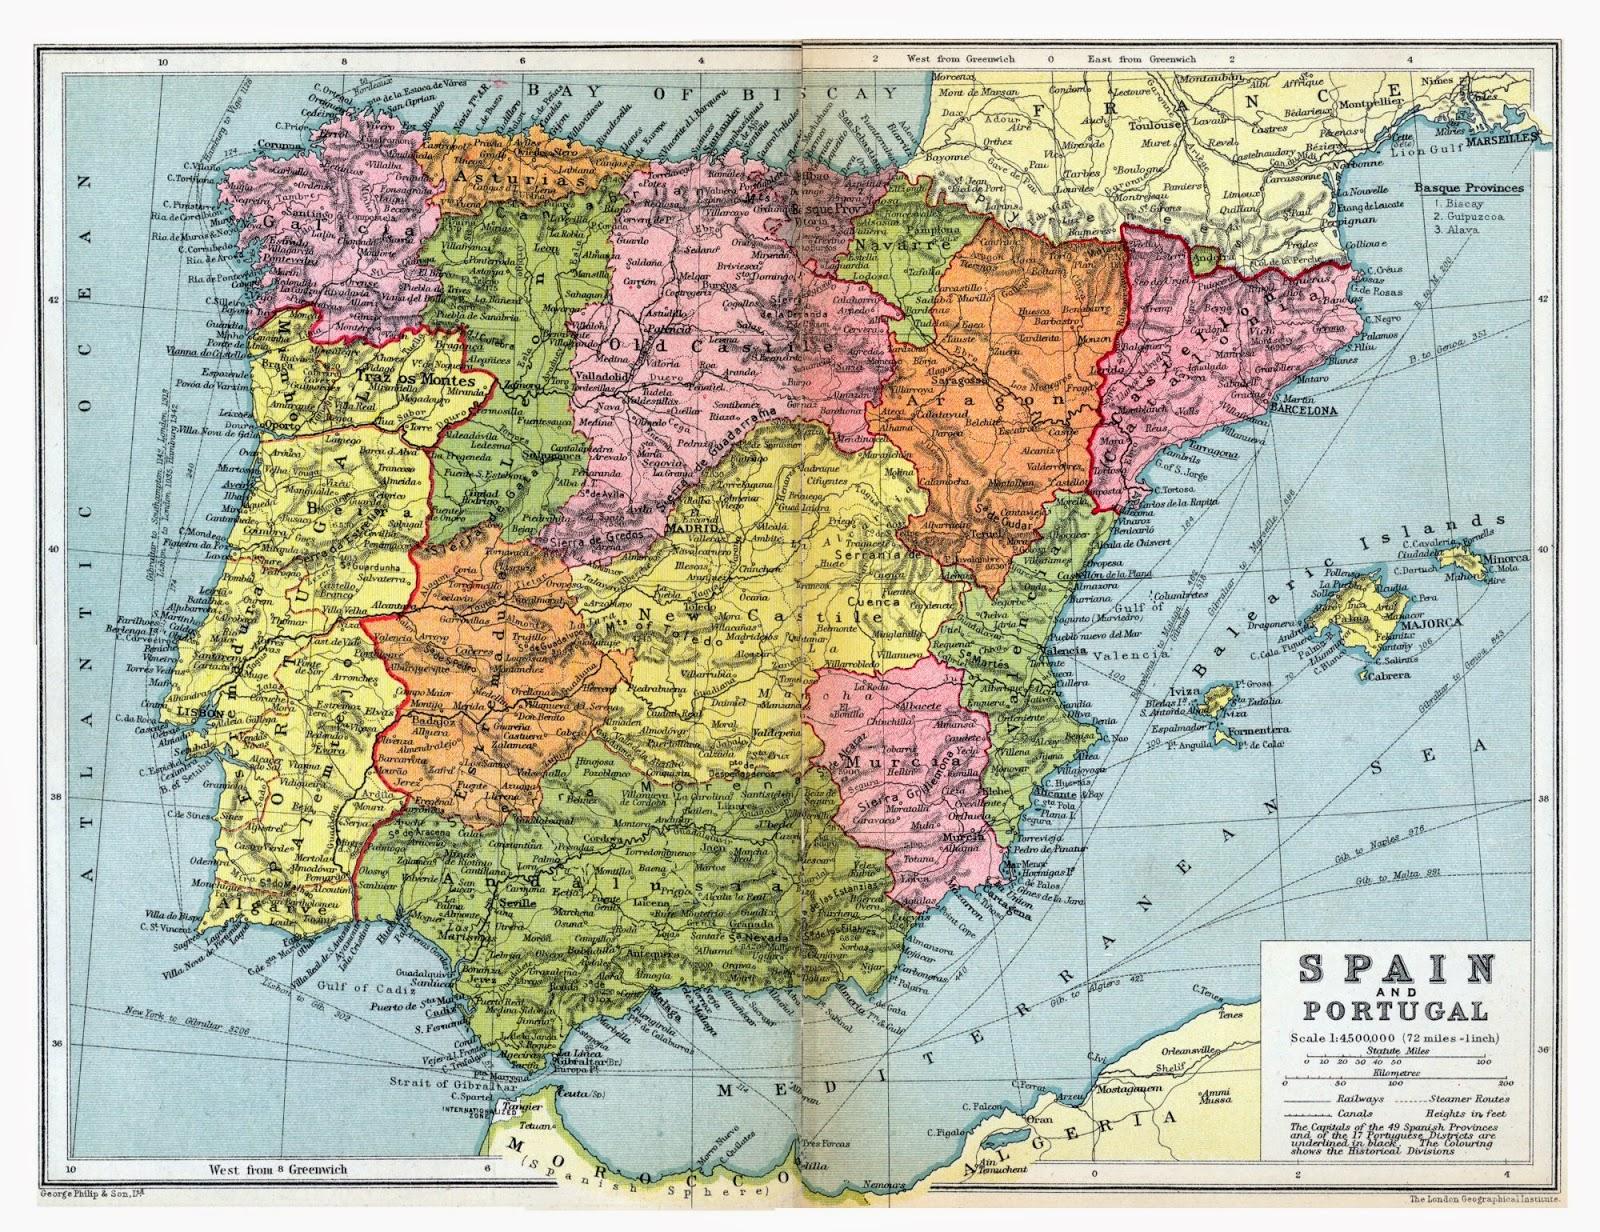 1936 mapa de España